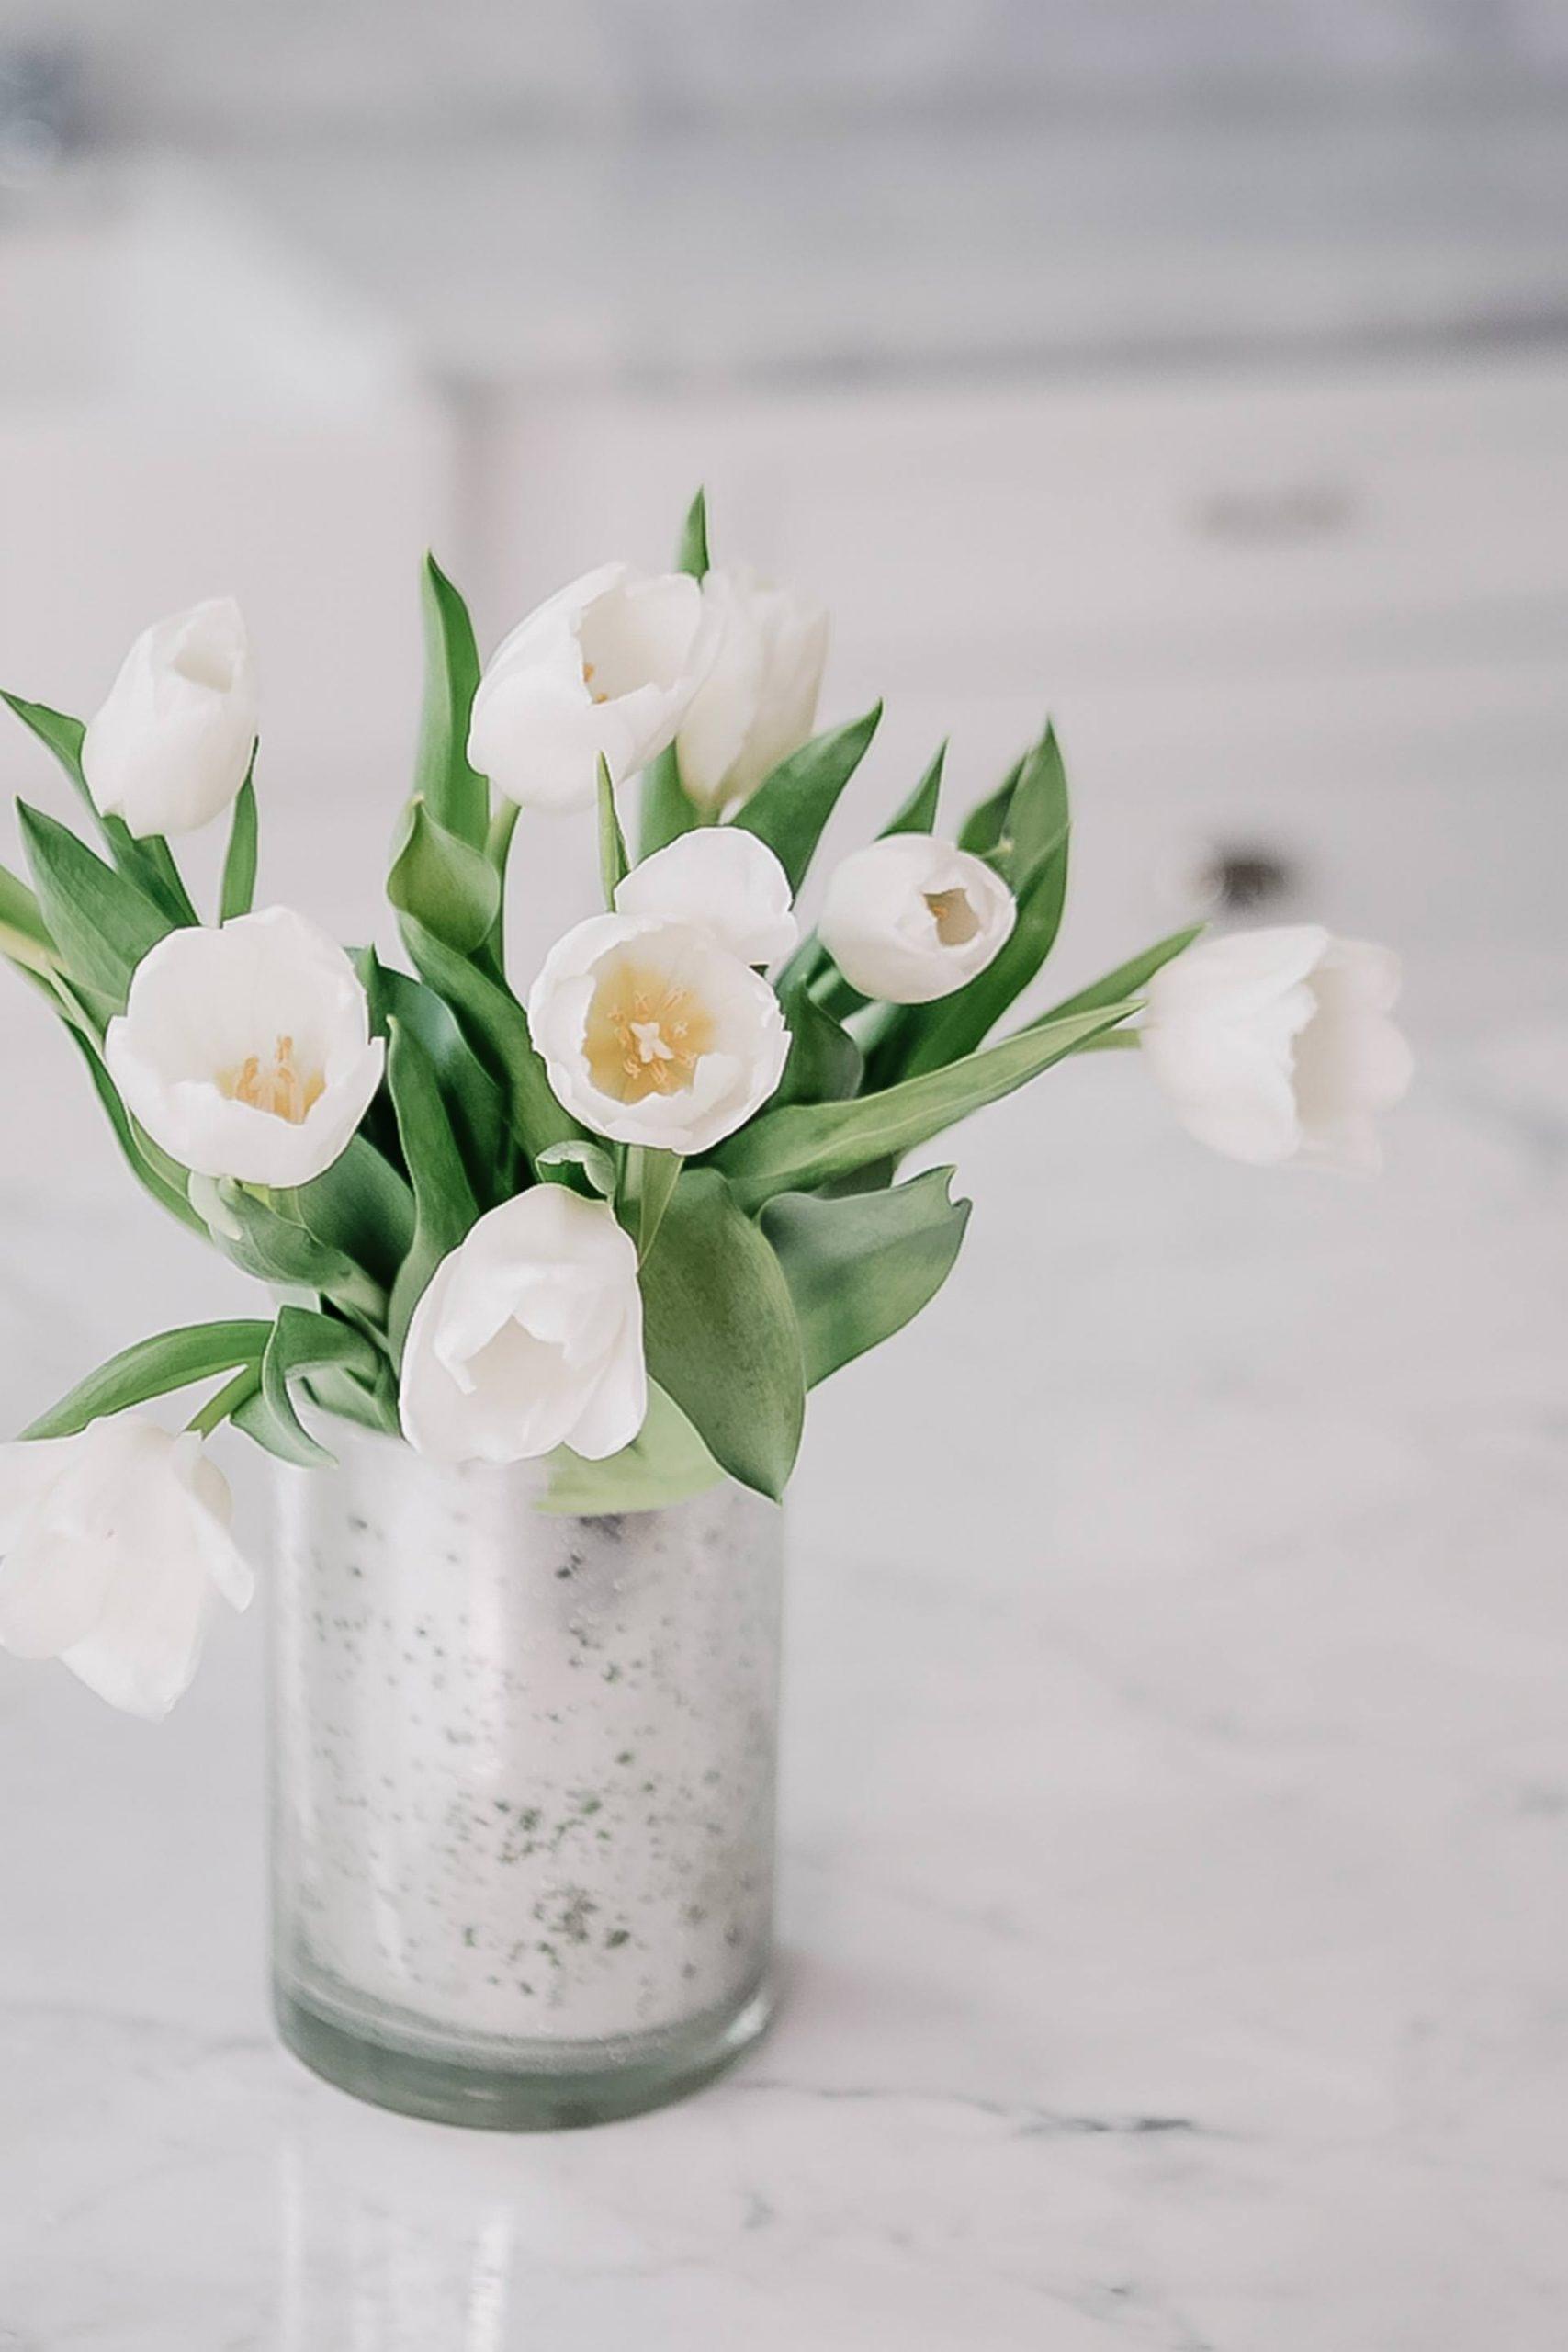 Frisches Feeling mit der richtigen Frühlingsdekoration – wie das schnell und einfach funktioniert verrate ich dir heute am Interior Blog. www.whoismocca.com